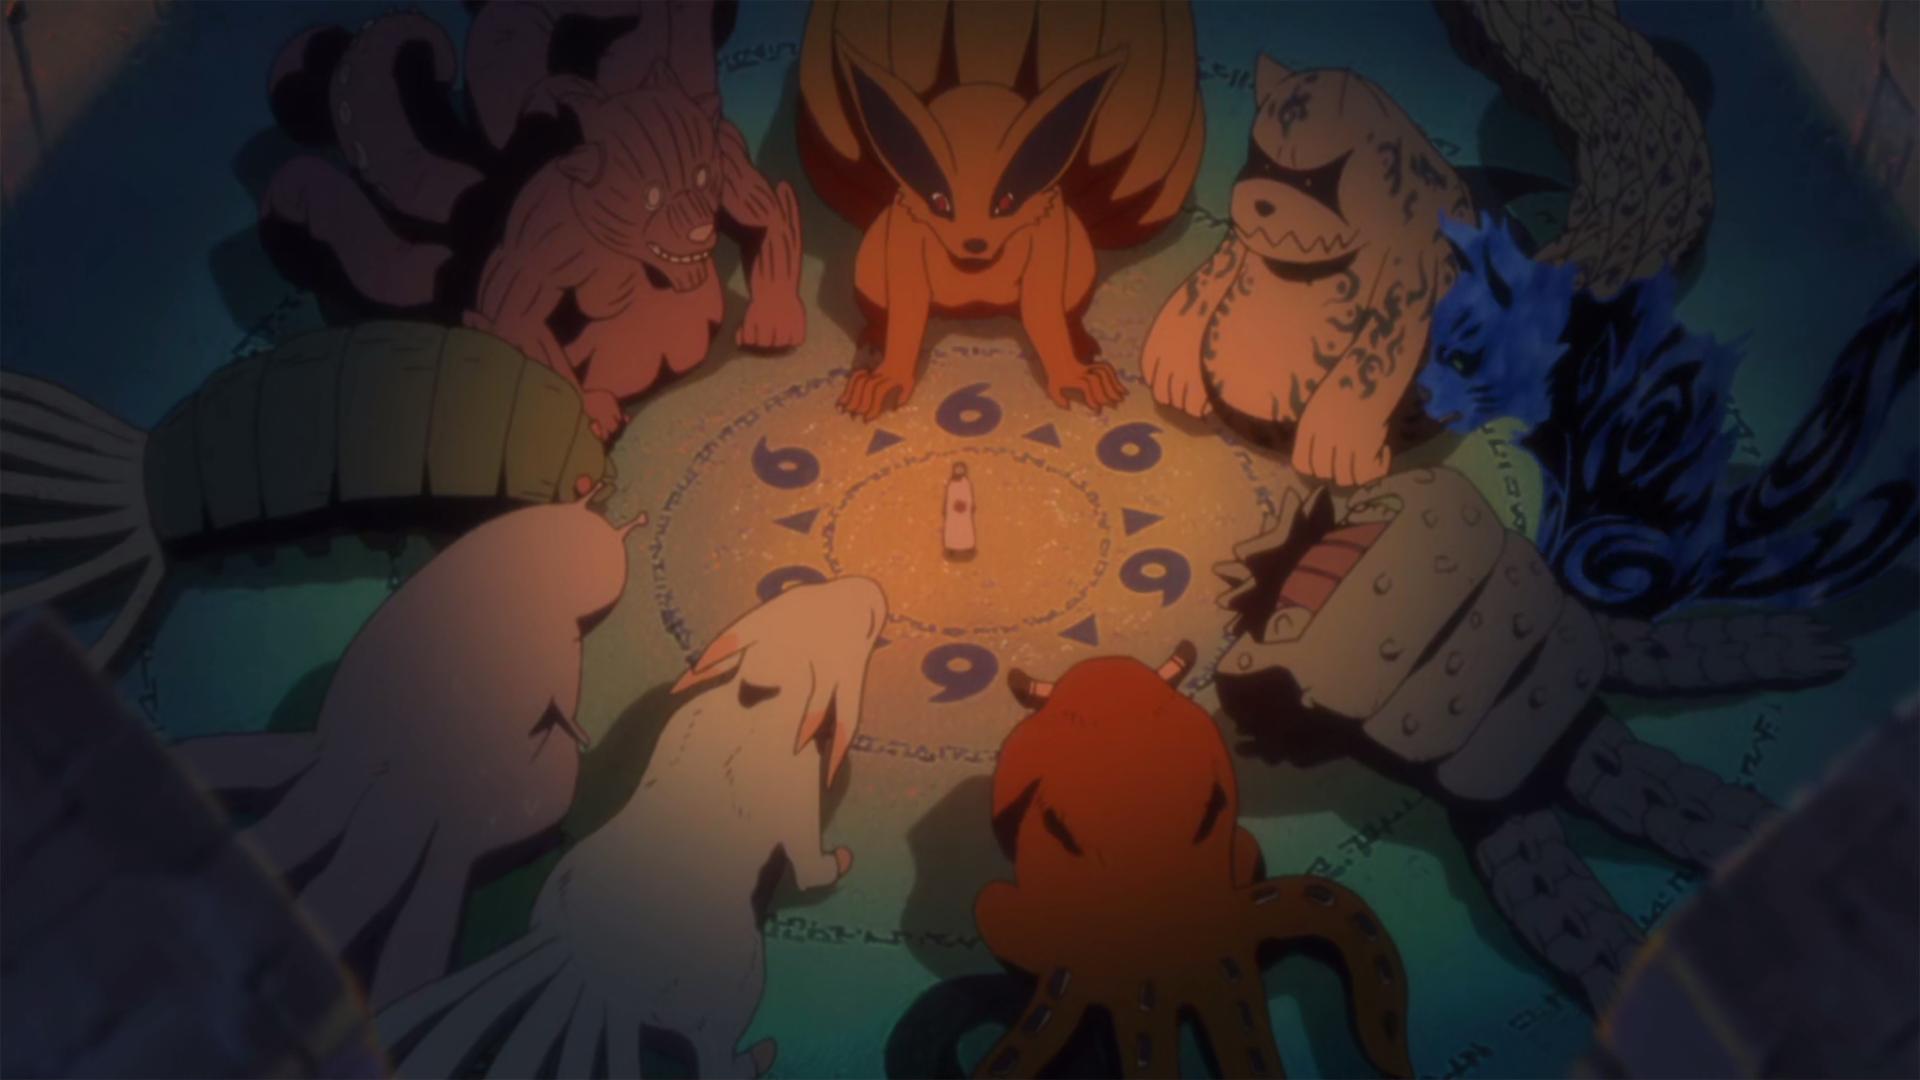 NEW Orange Tobi Madara Uchiha MASK ORBITO Naruto Japanese 9 Tailed Demon Fox